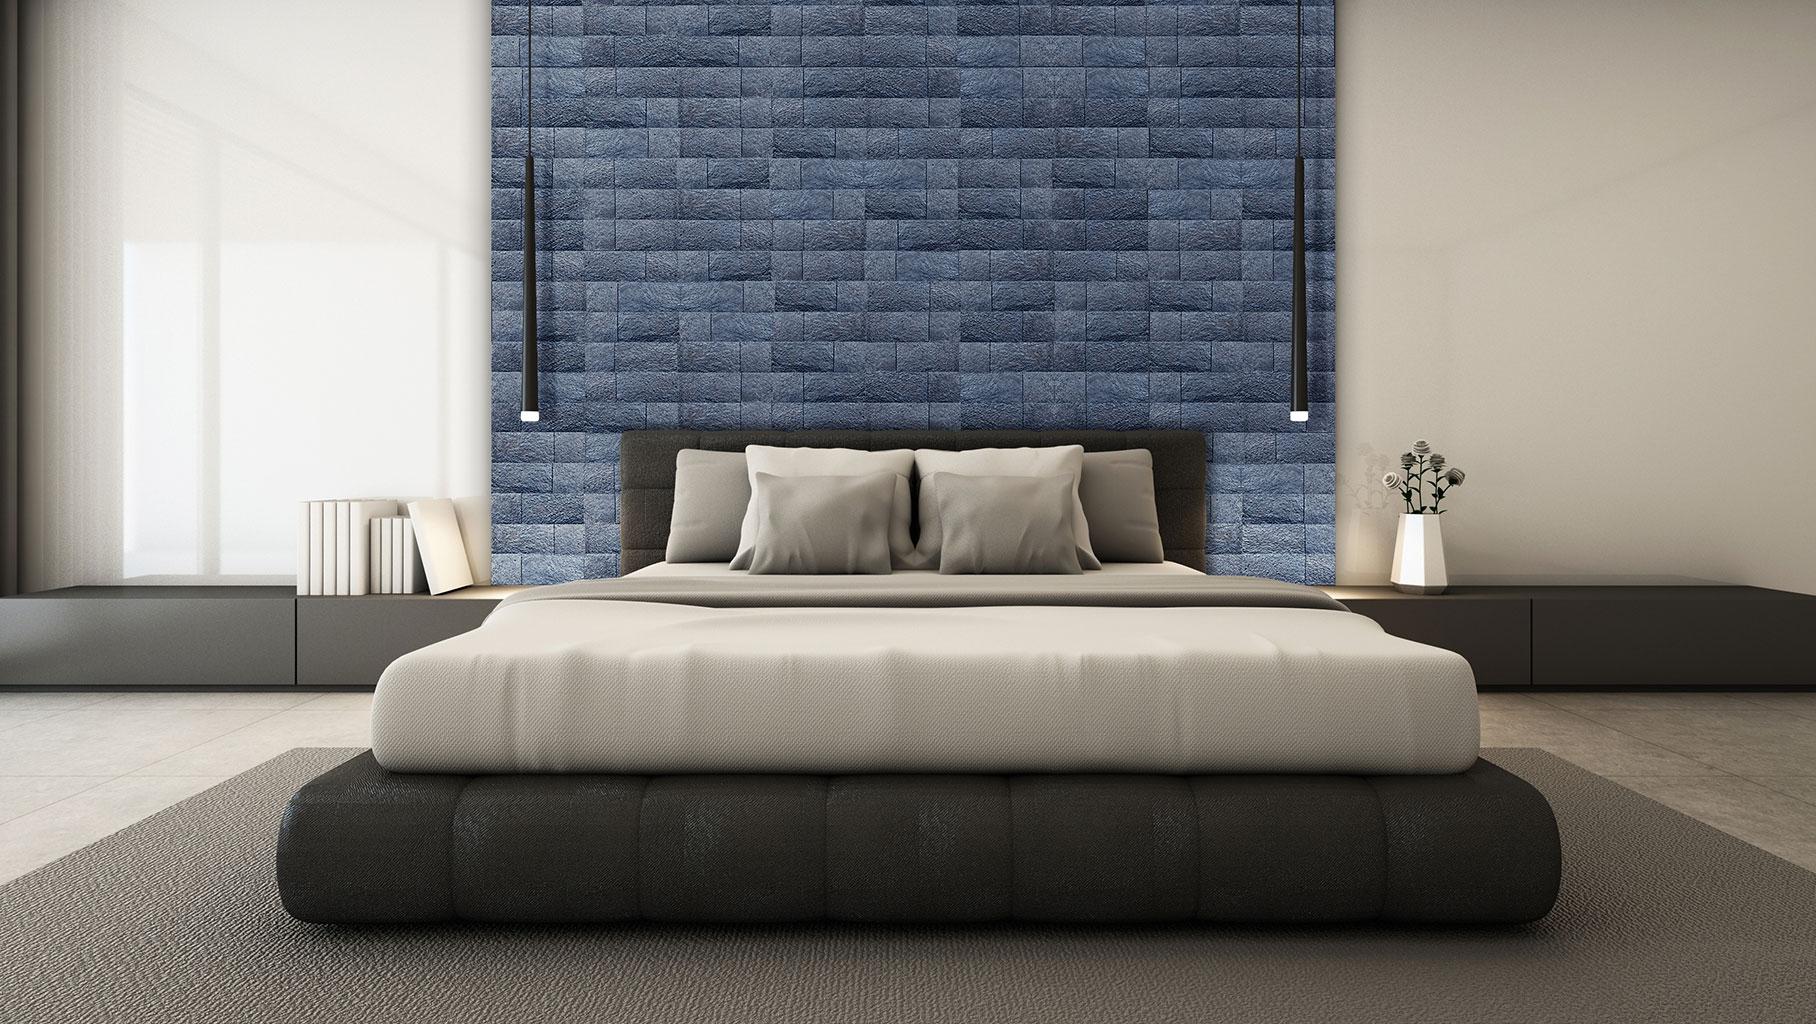 saphir-bedroom-12024910012017